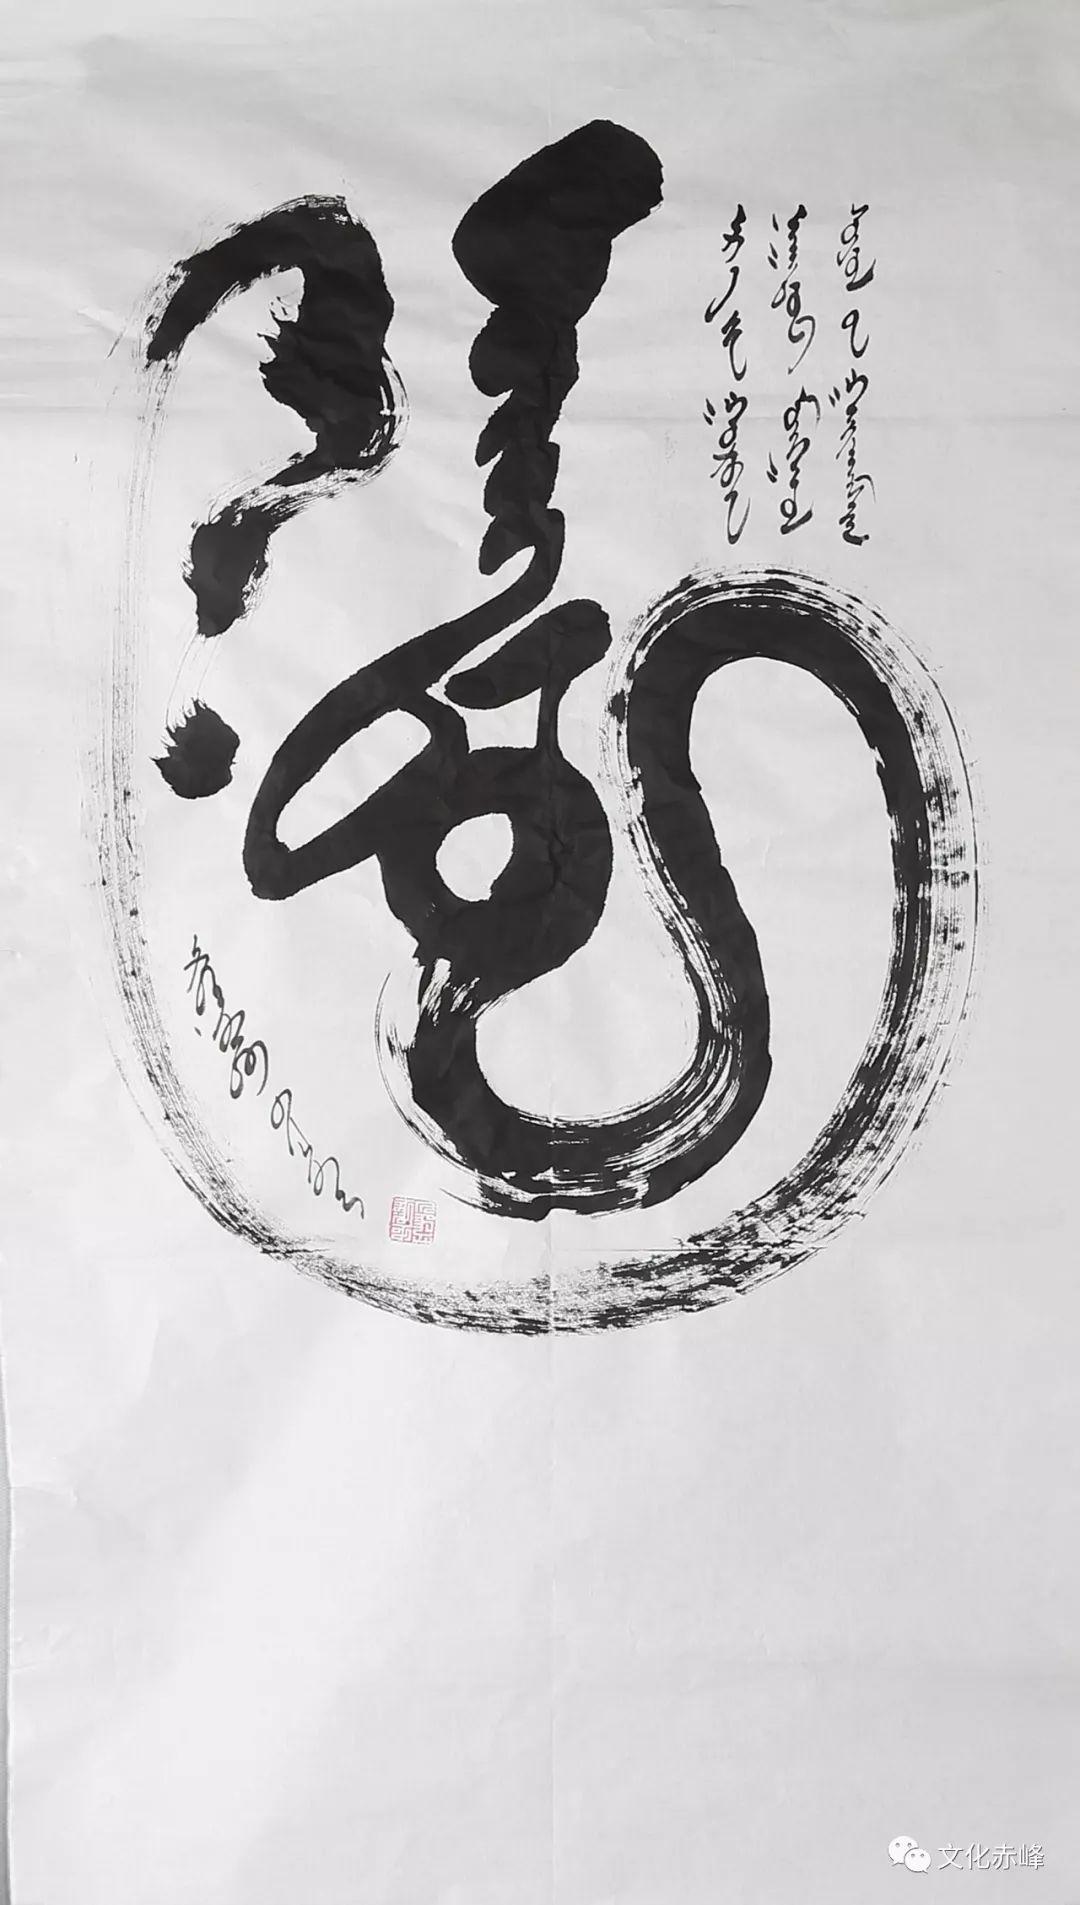 【文化赤峰】额尔敦巴图蒙古文书法作品欣赏! 第2张